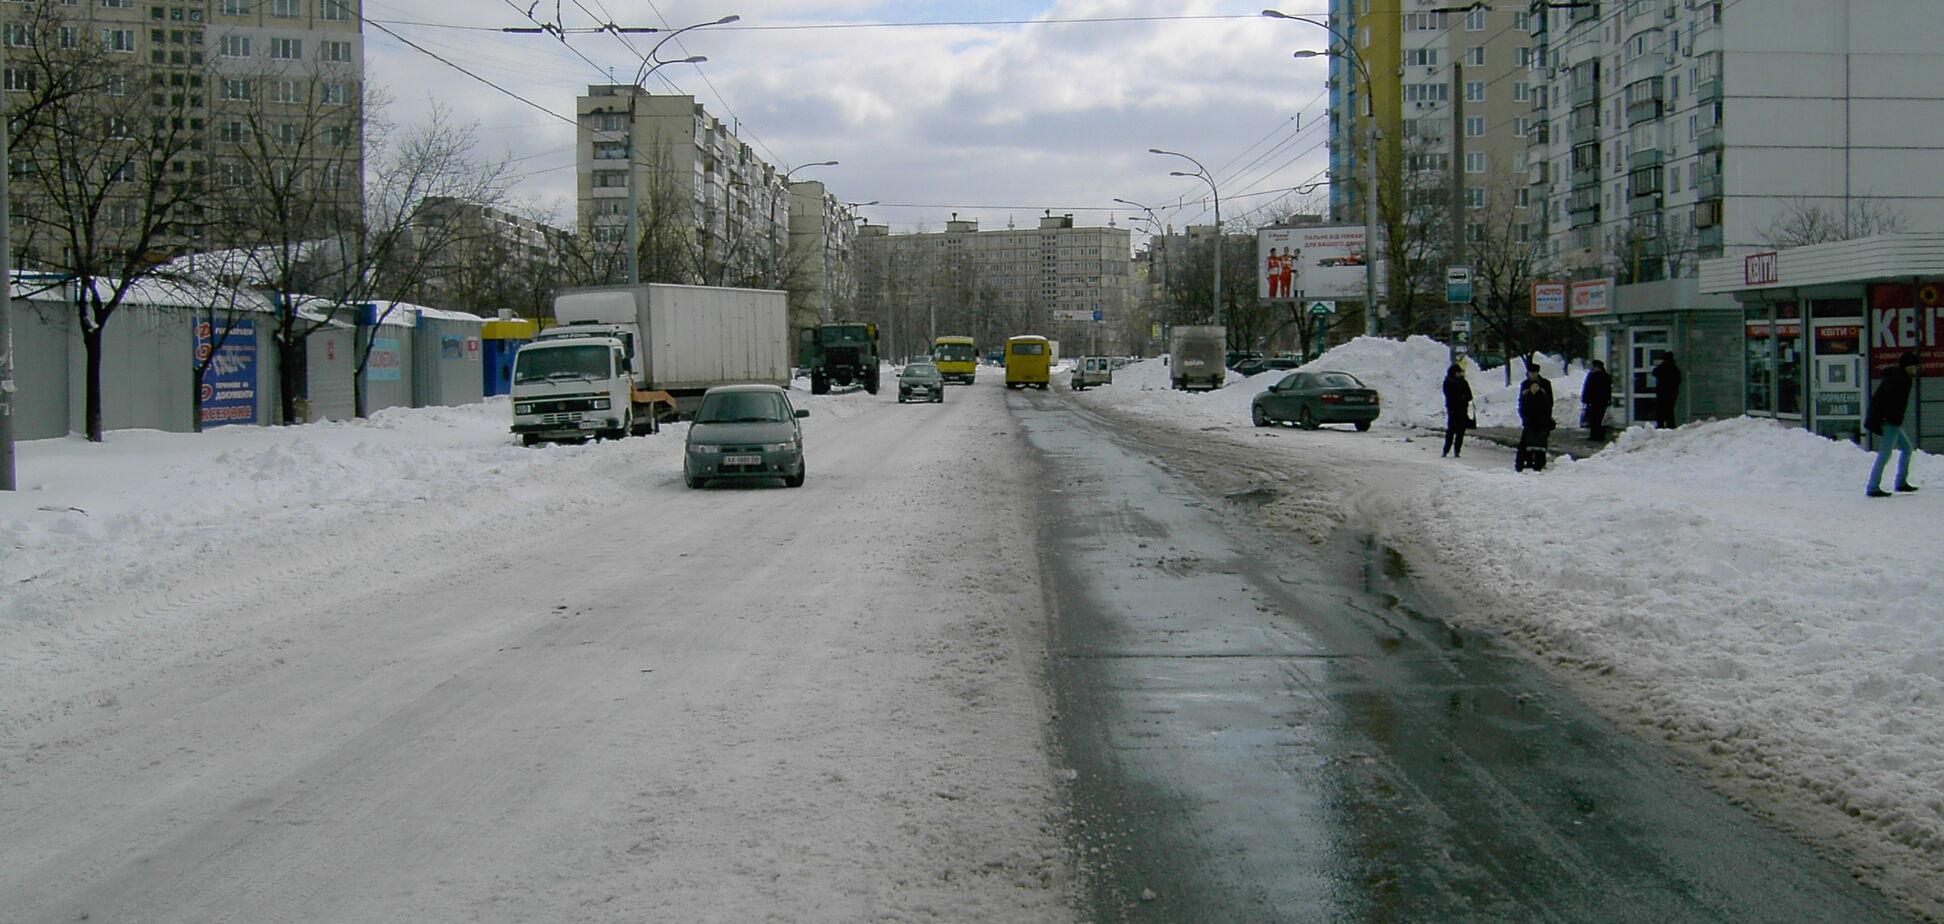 Самоубийство? В Киеве нашли труп мужчины